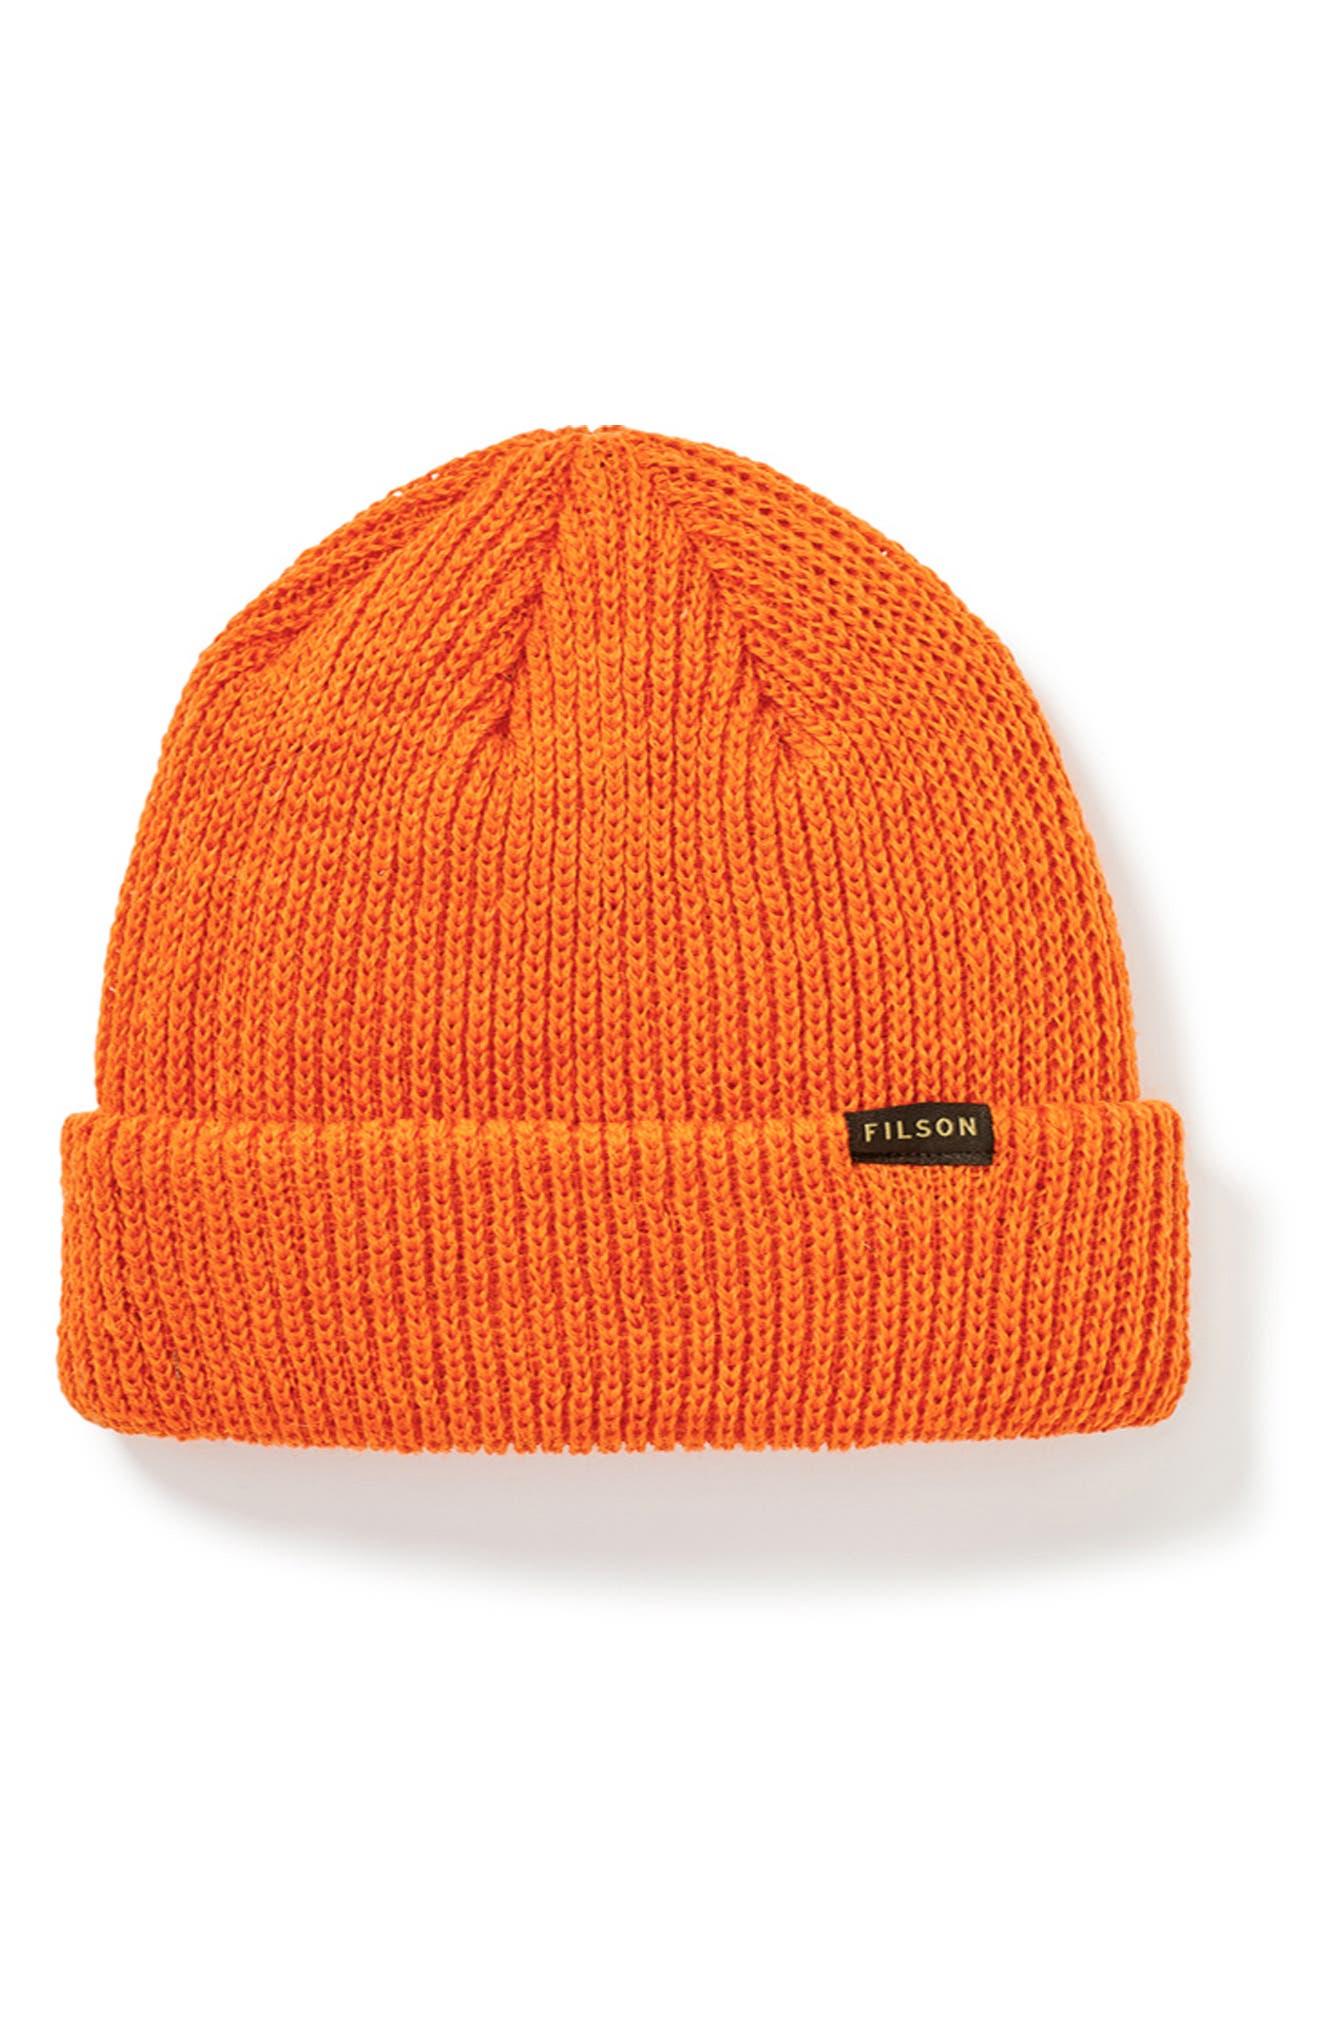 FILSON Wool Watch Cap - Orange in Flame